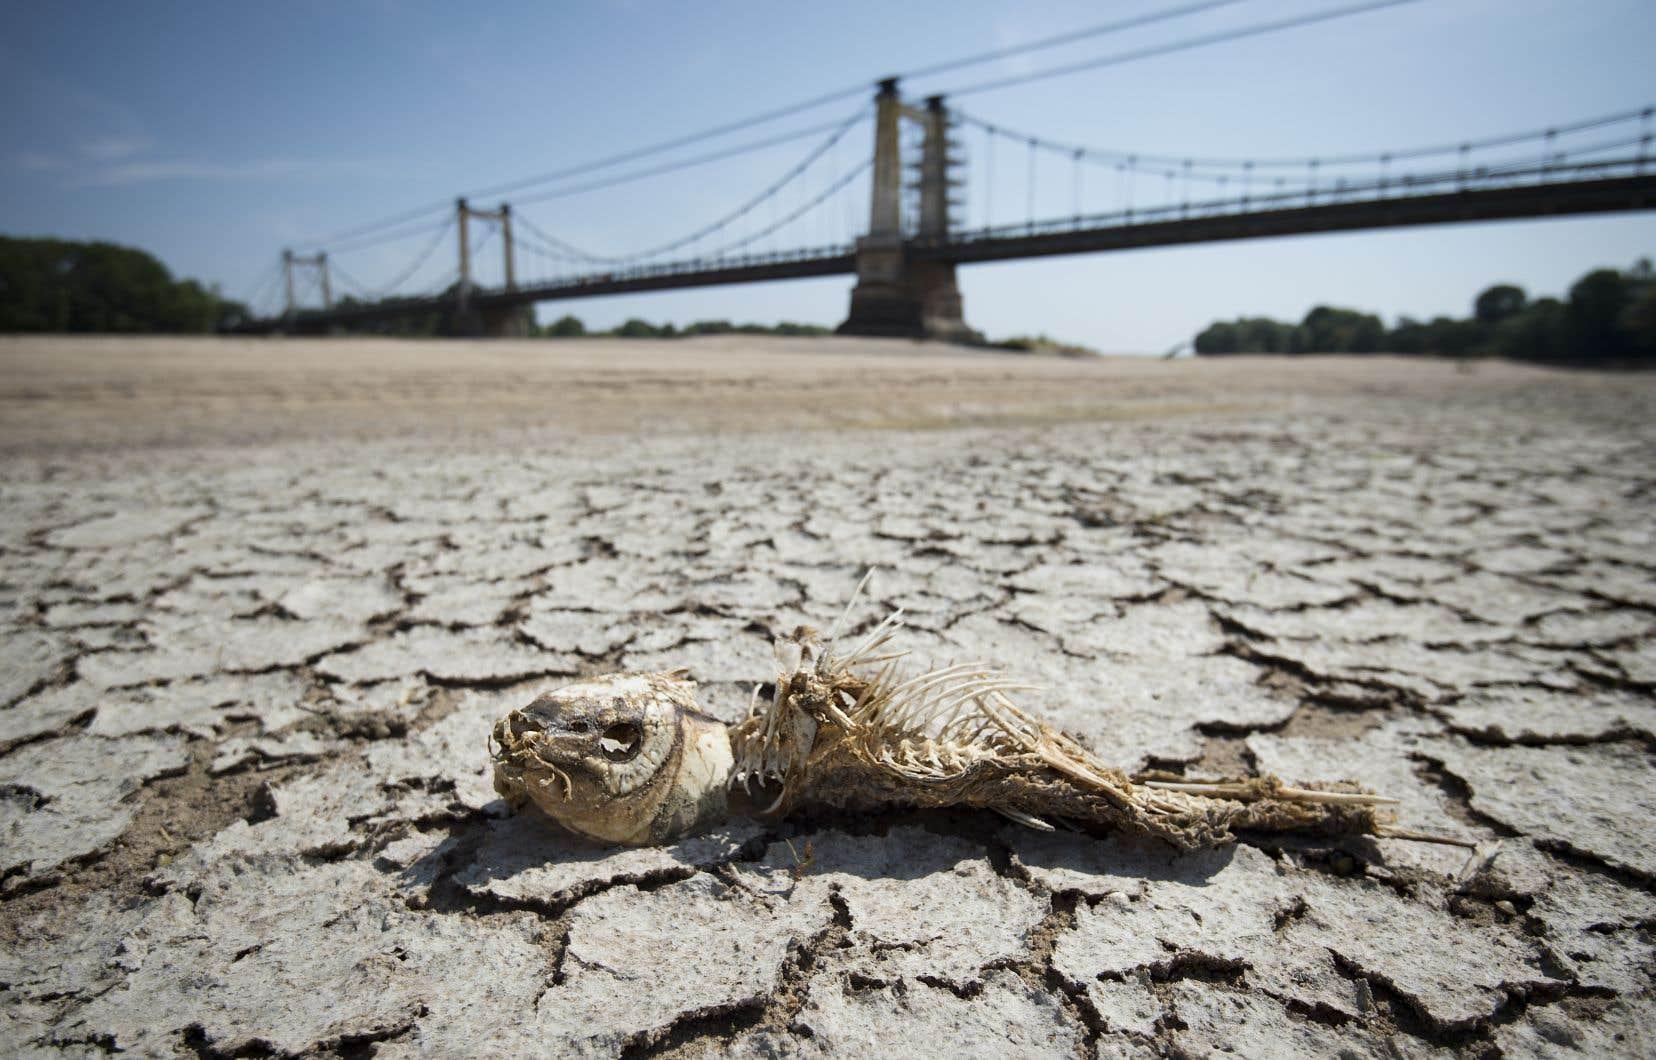 Le squelette d'un poisson gît sur le lit desséché de la Loire dans l'ouest de la France, conséquence d'une canicule historique en Europe.